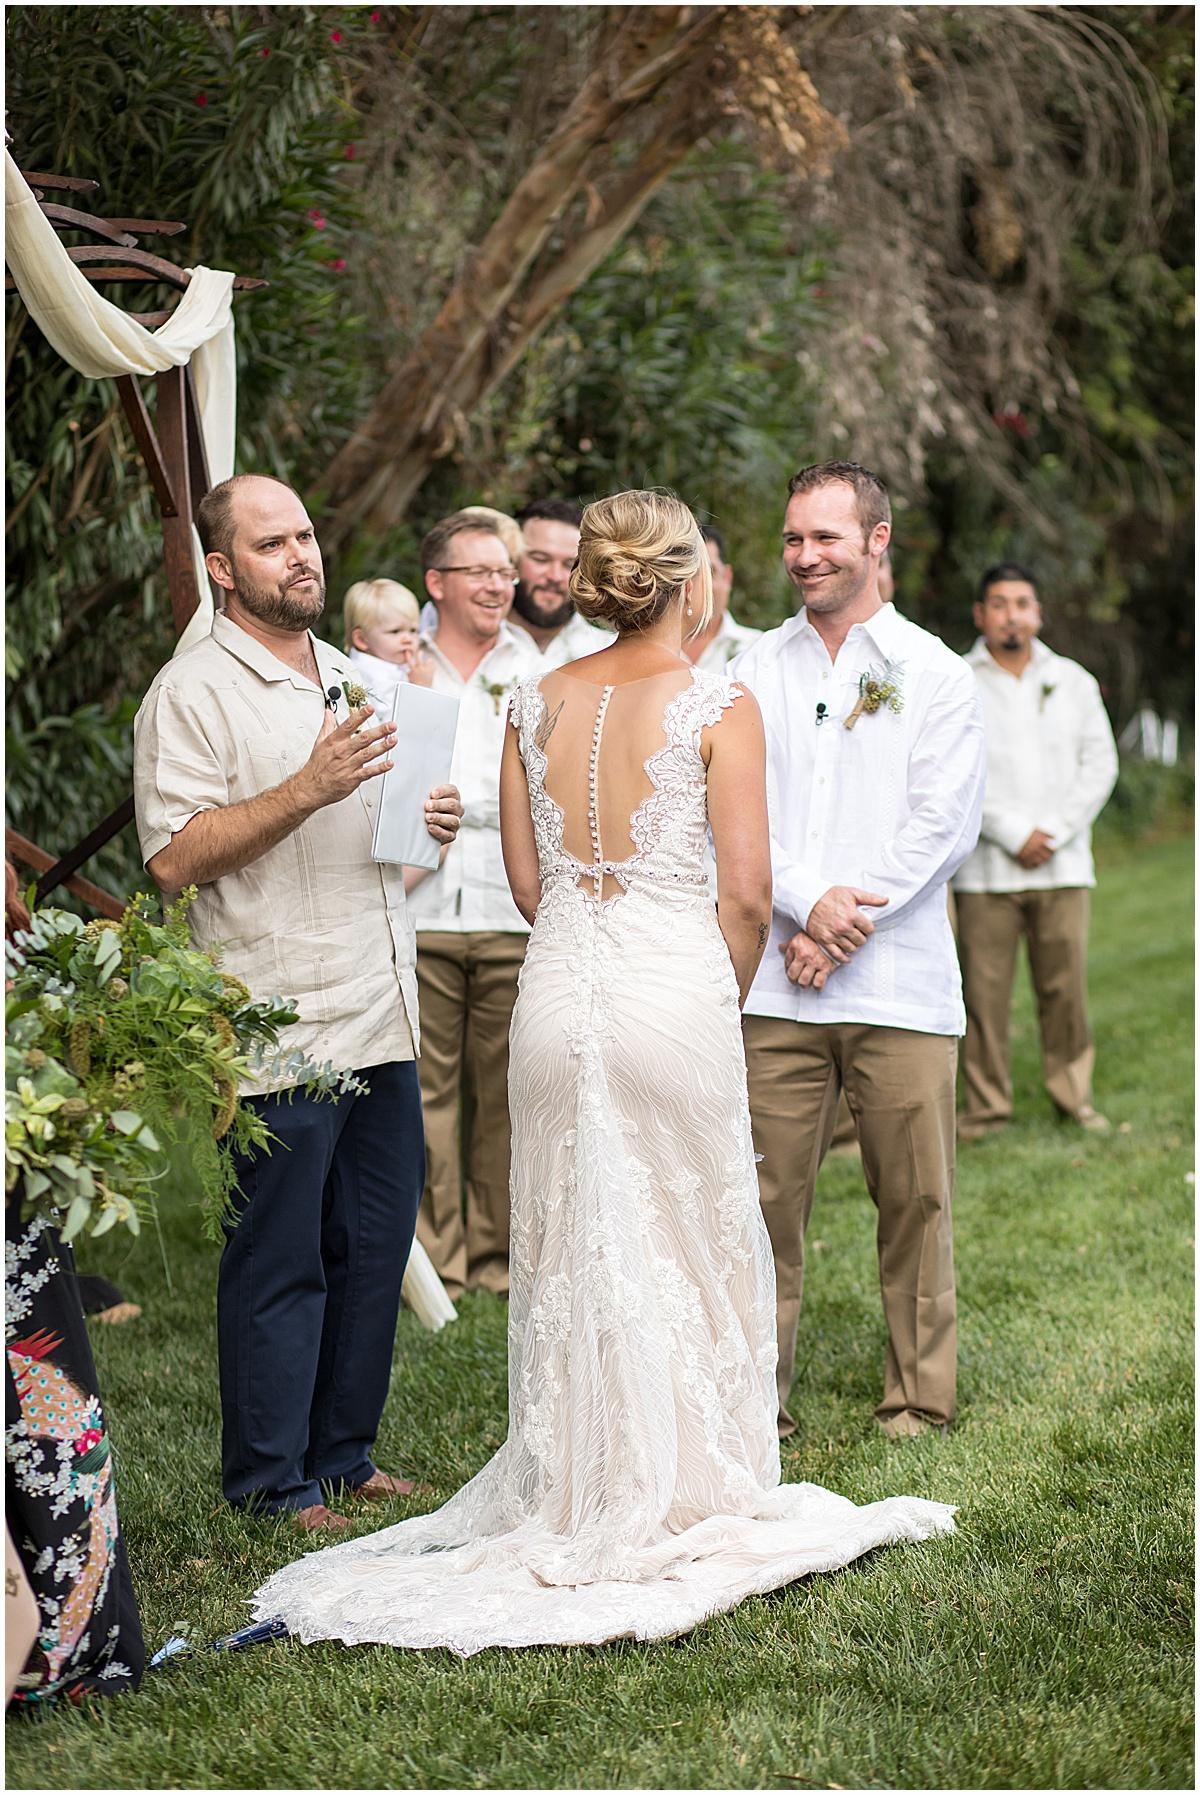 Morgan Hill Estate Botanical Wedding | Brina and Andy042